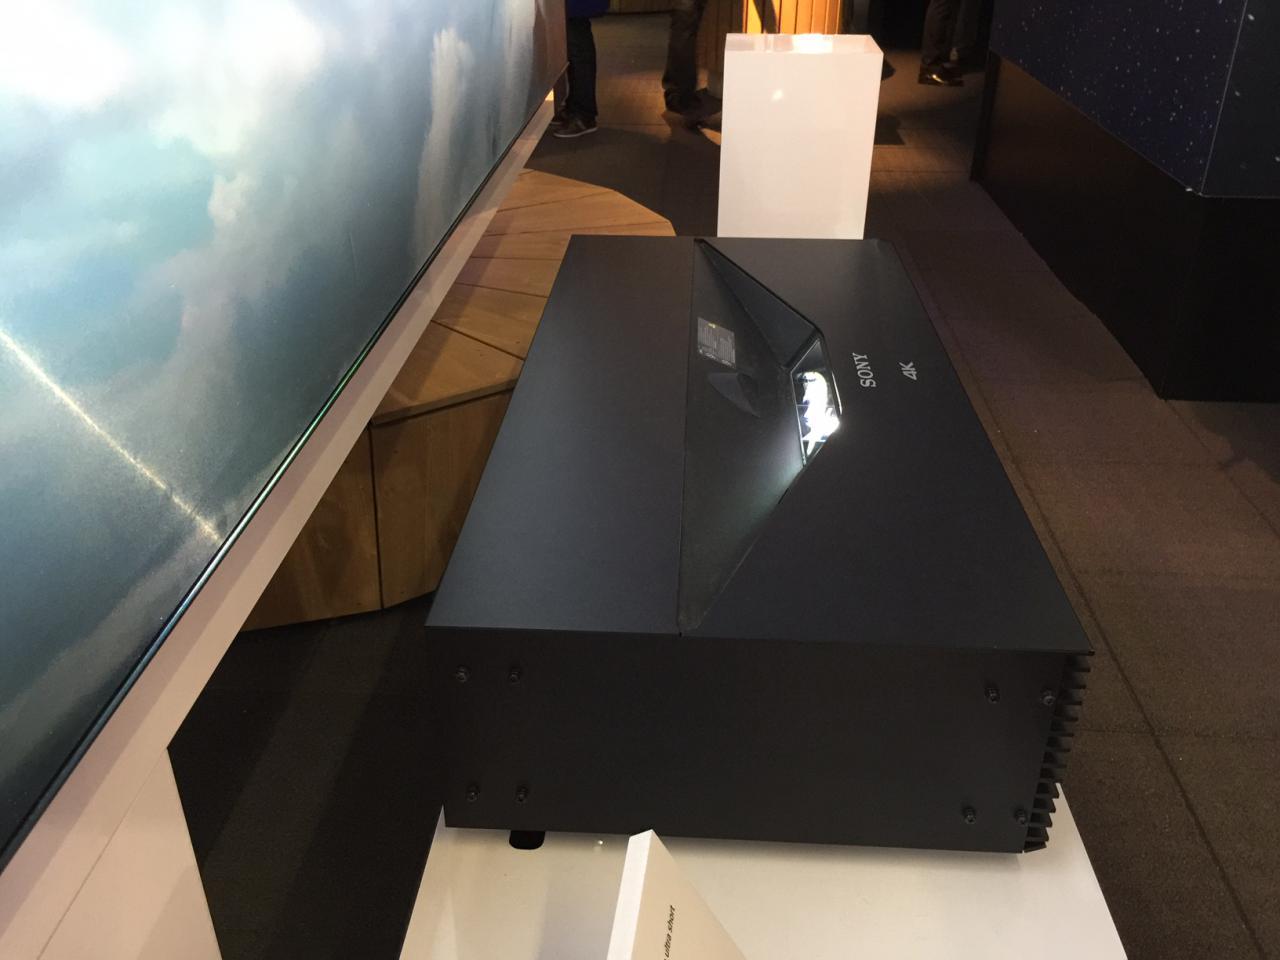 der ise 2016 messe bericht teil 2. Black Bedroom Furniture Sets. Home Design Ideas